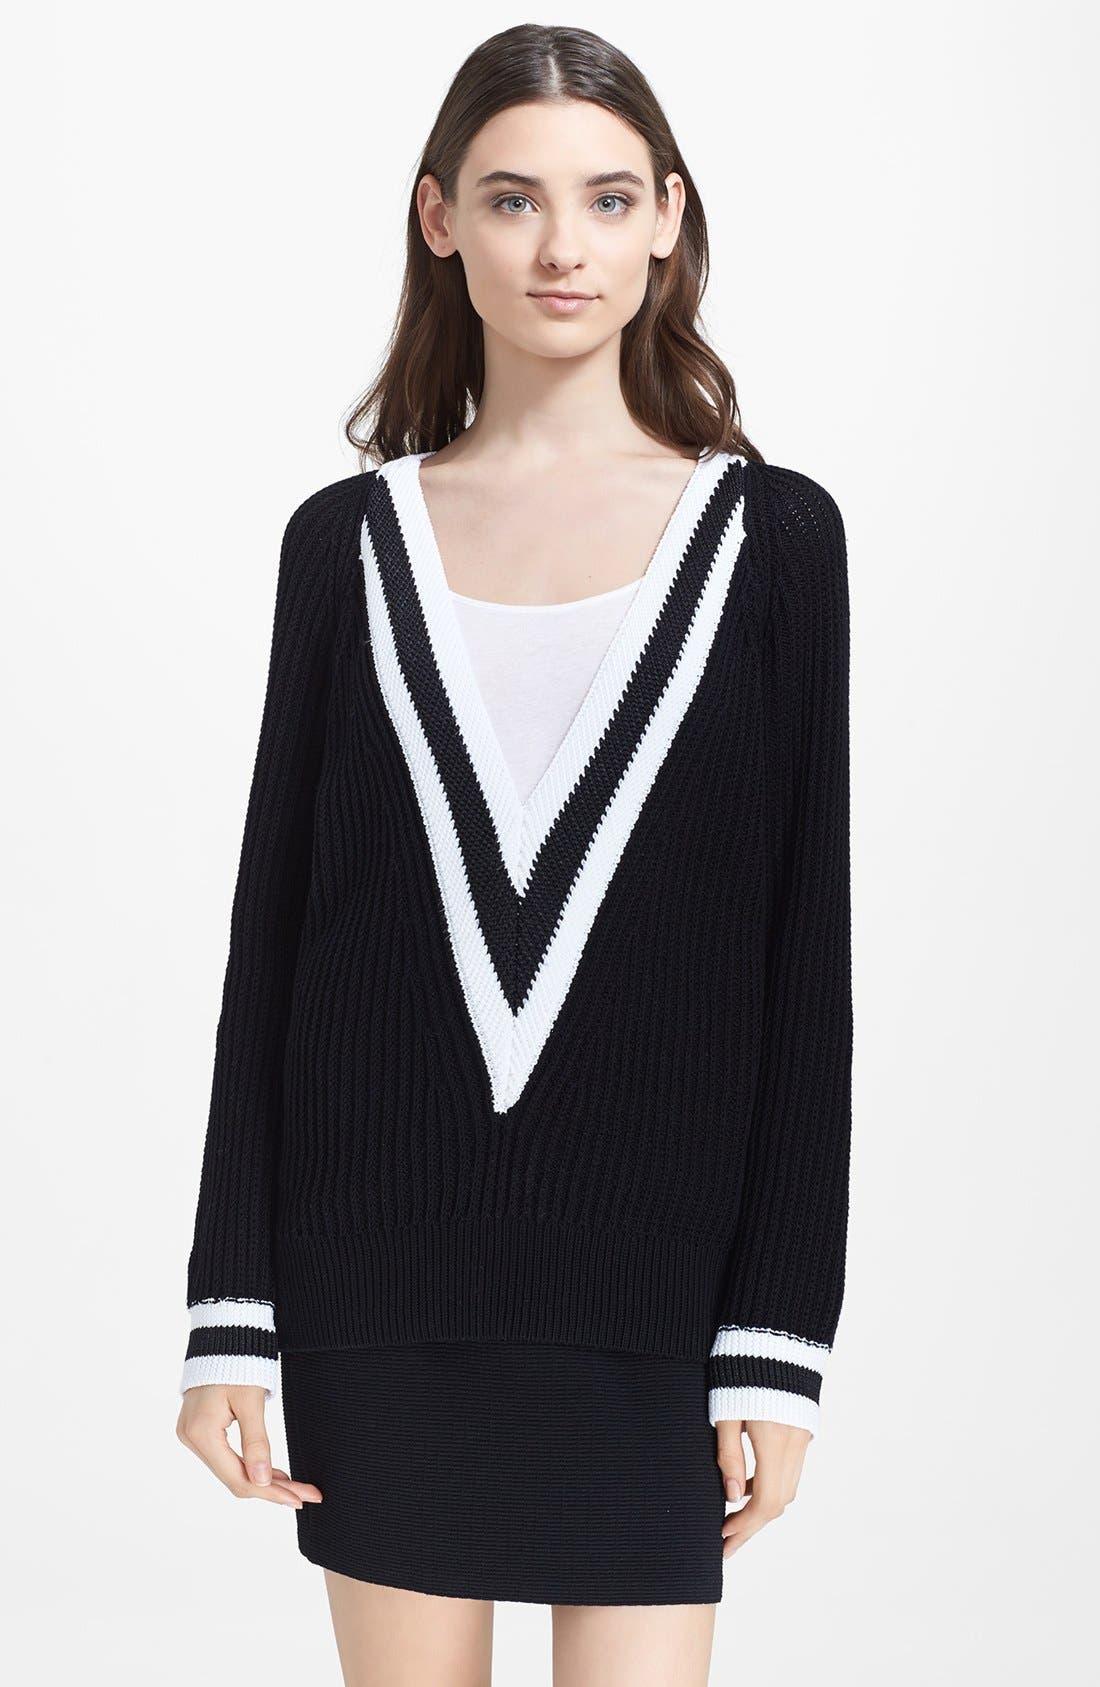 RAG & BONE, 'Talia' V-Neck Sweater, Main thumbnail 1, color, 001